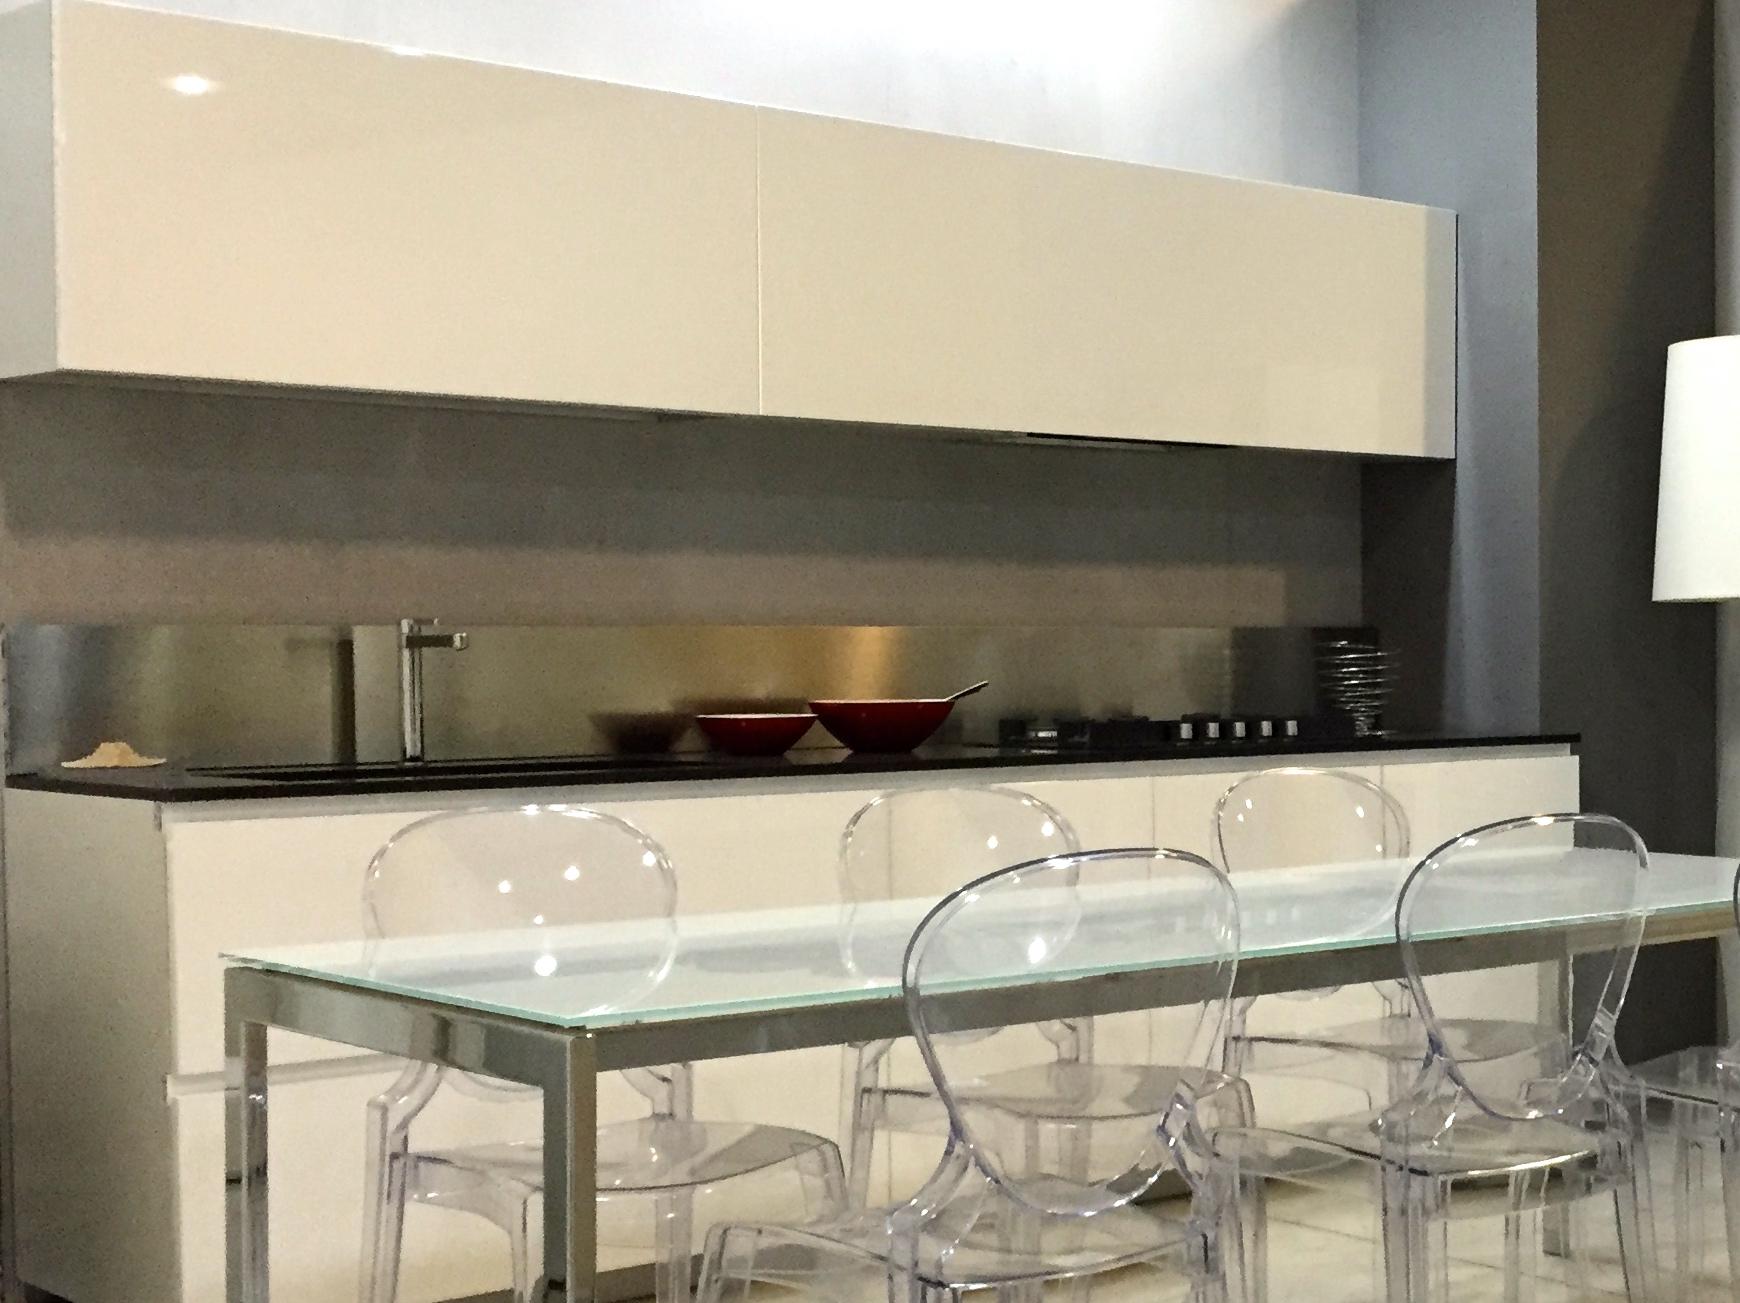 Modulnova Cucina Sp.29 Design Laccato Lucido Bianca Marca: Modulnova  #857346 1740 1303 Veneta Cucine O Modulnova